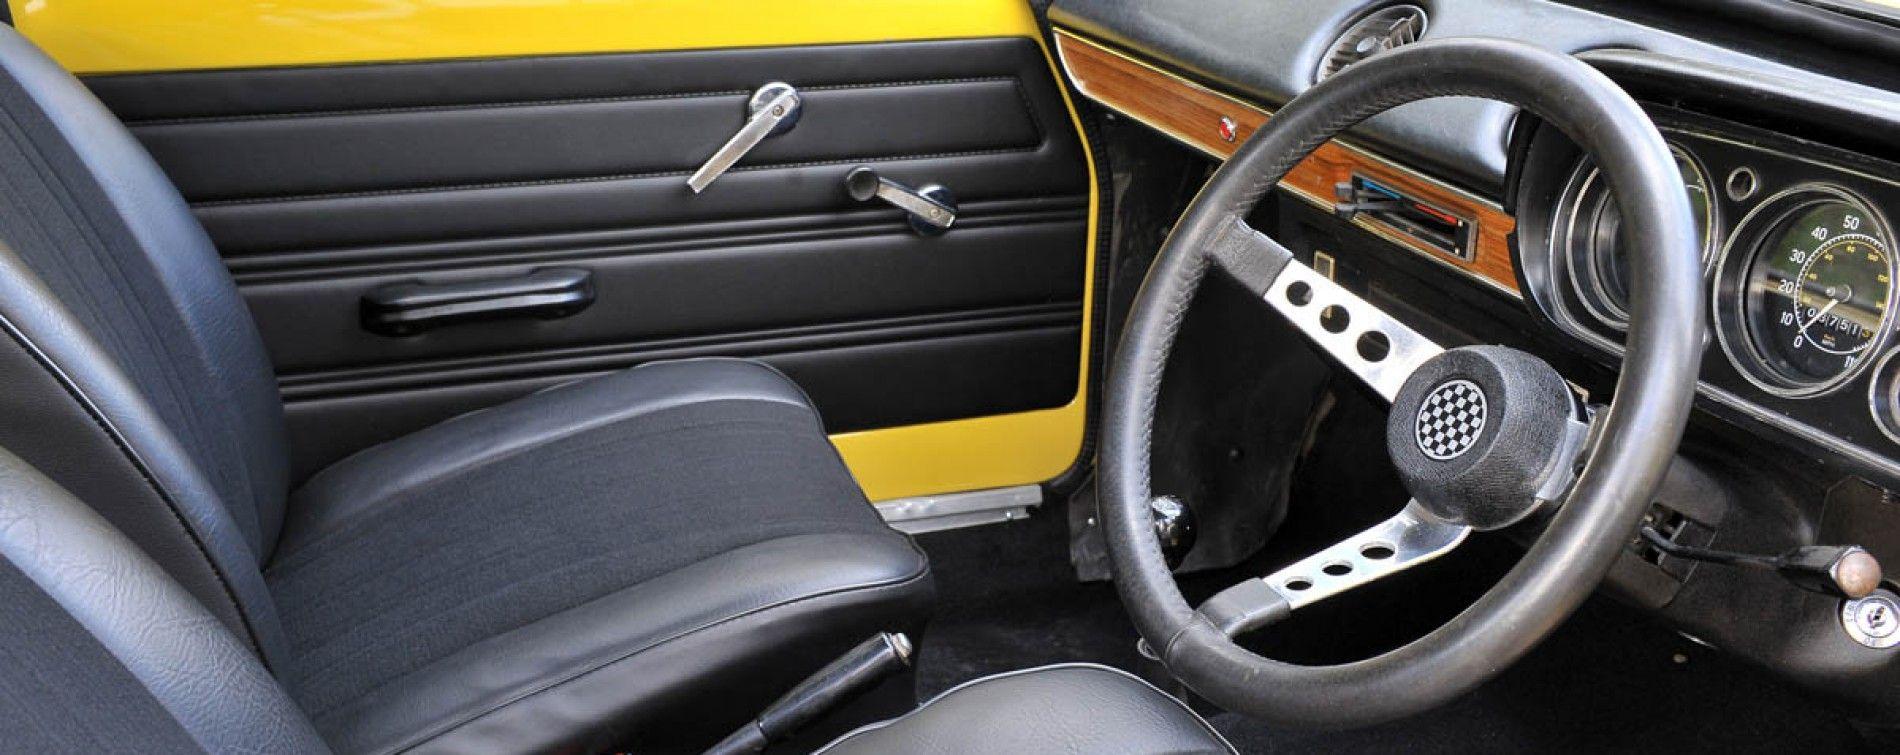 Pin On Ford Escort Mk1 1968 74 2 Door